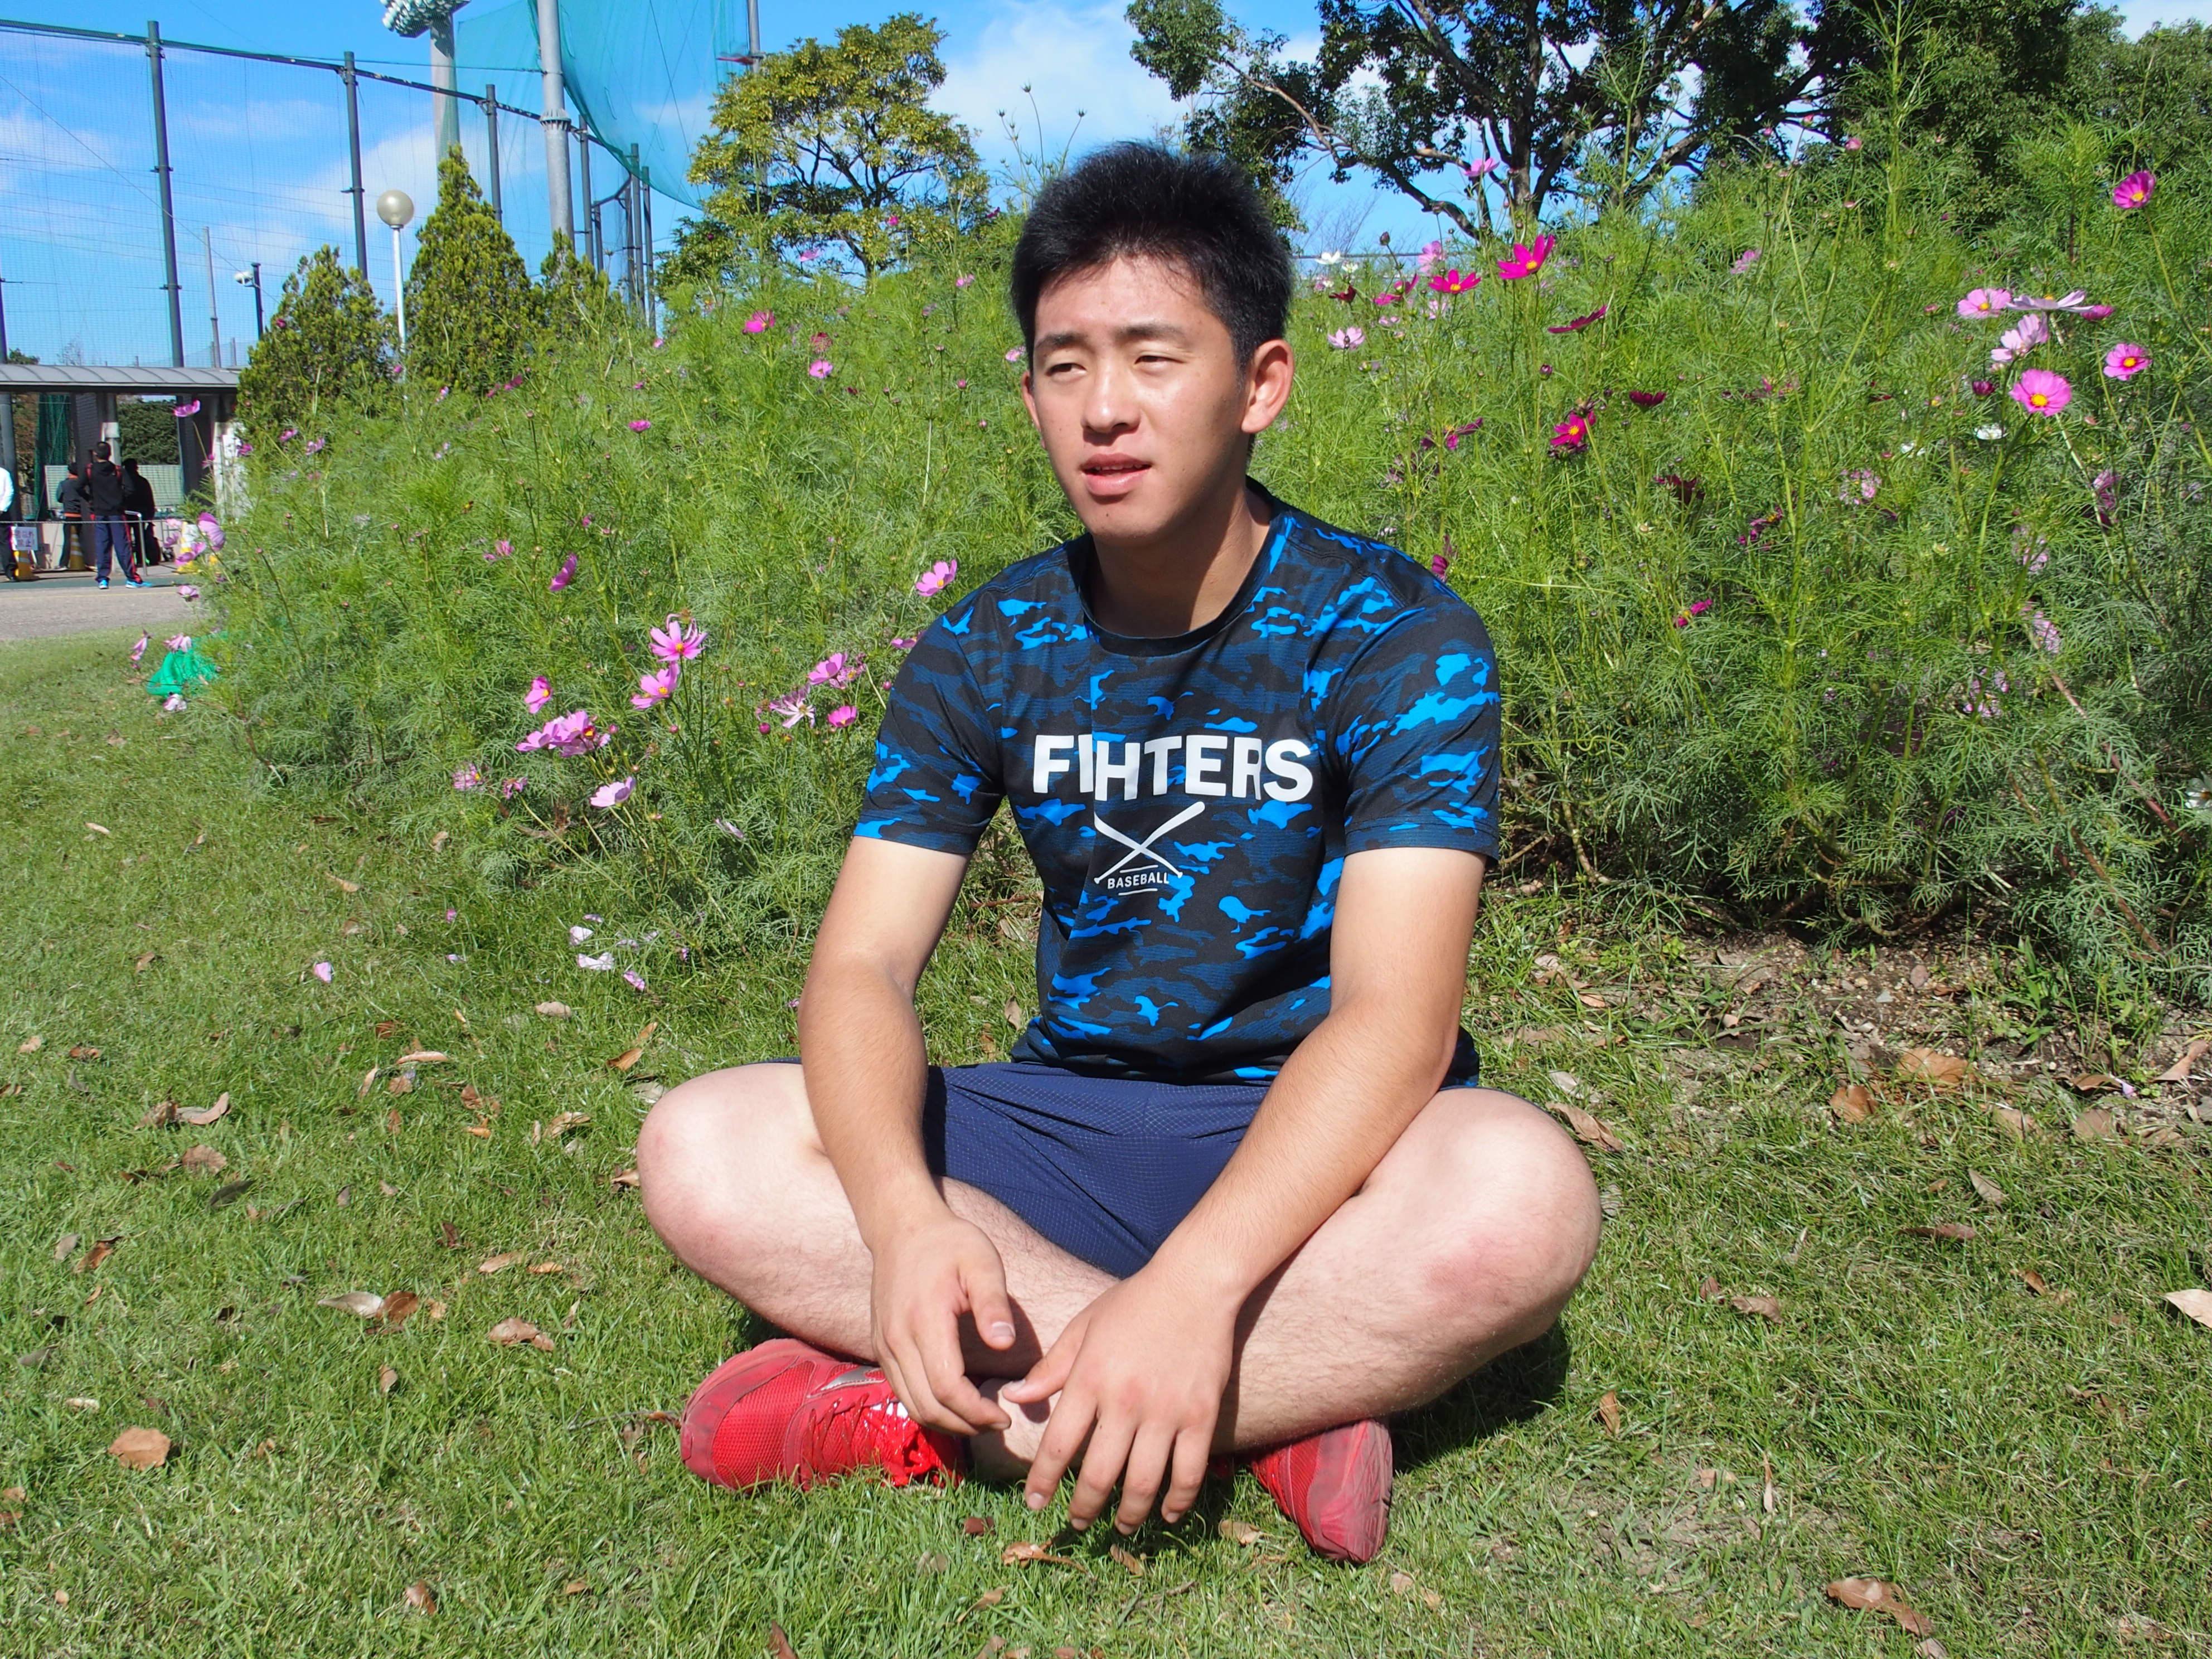 """日本ハム北浦 期待の高卒左腕 プロの体つくった1年目 """"157キロ""""の道歩む2年目"""